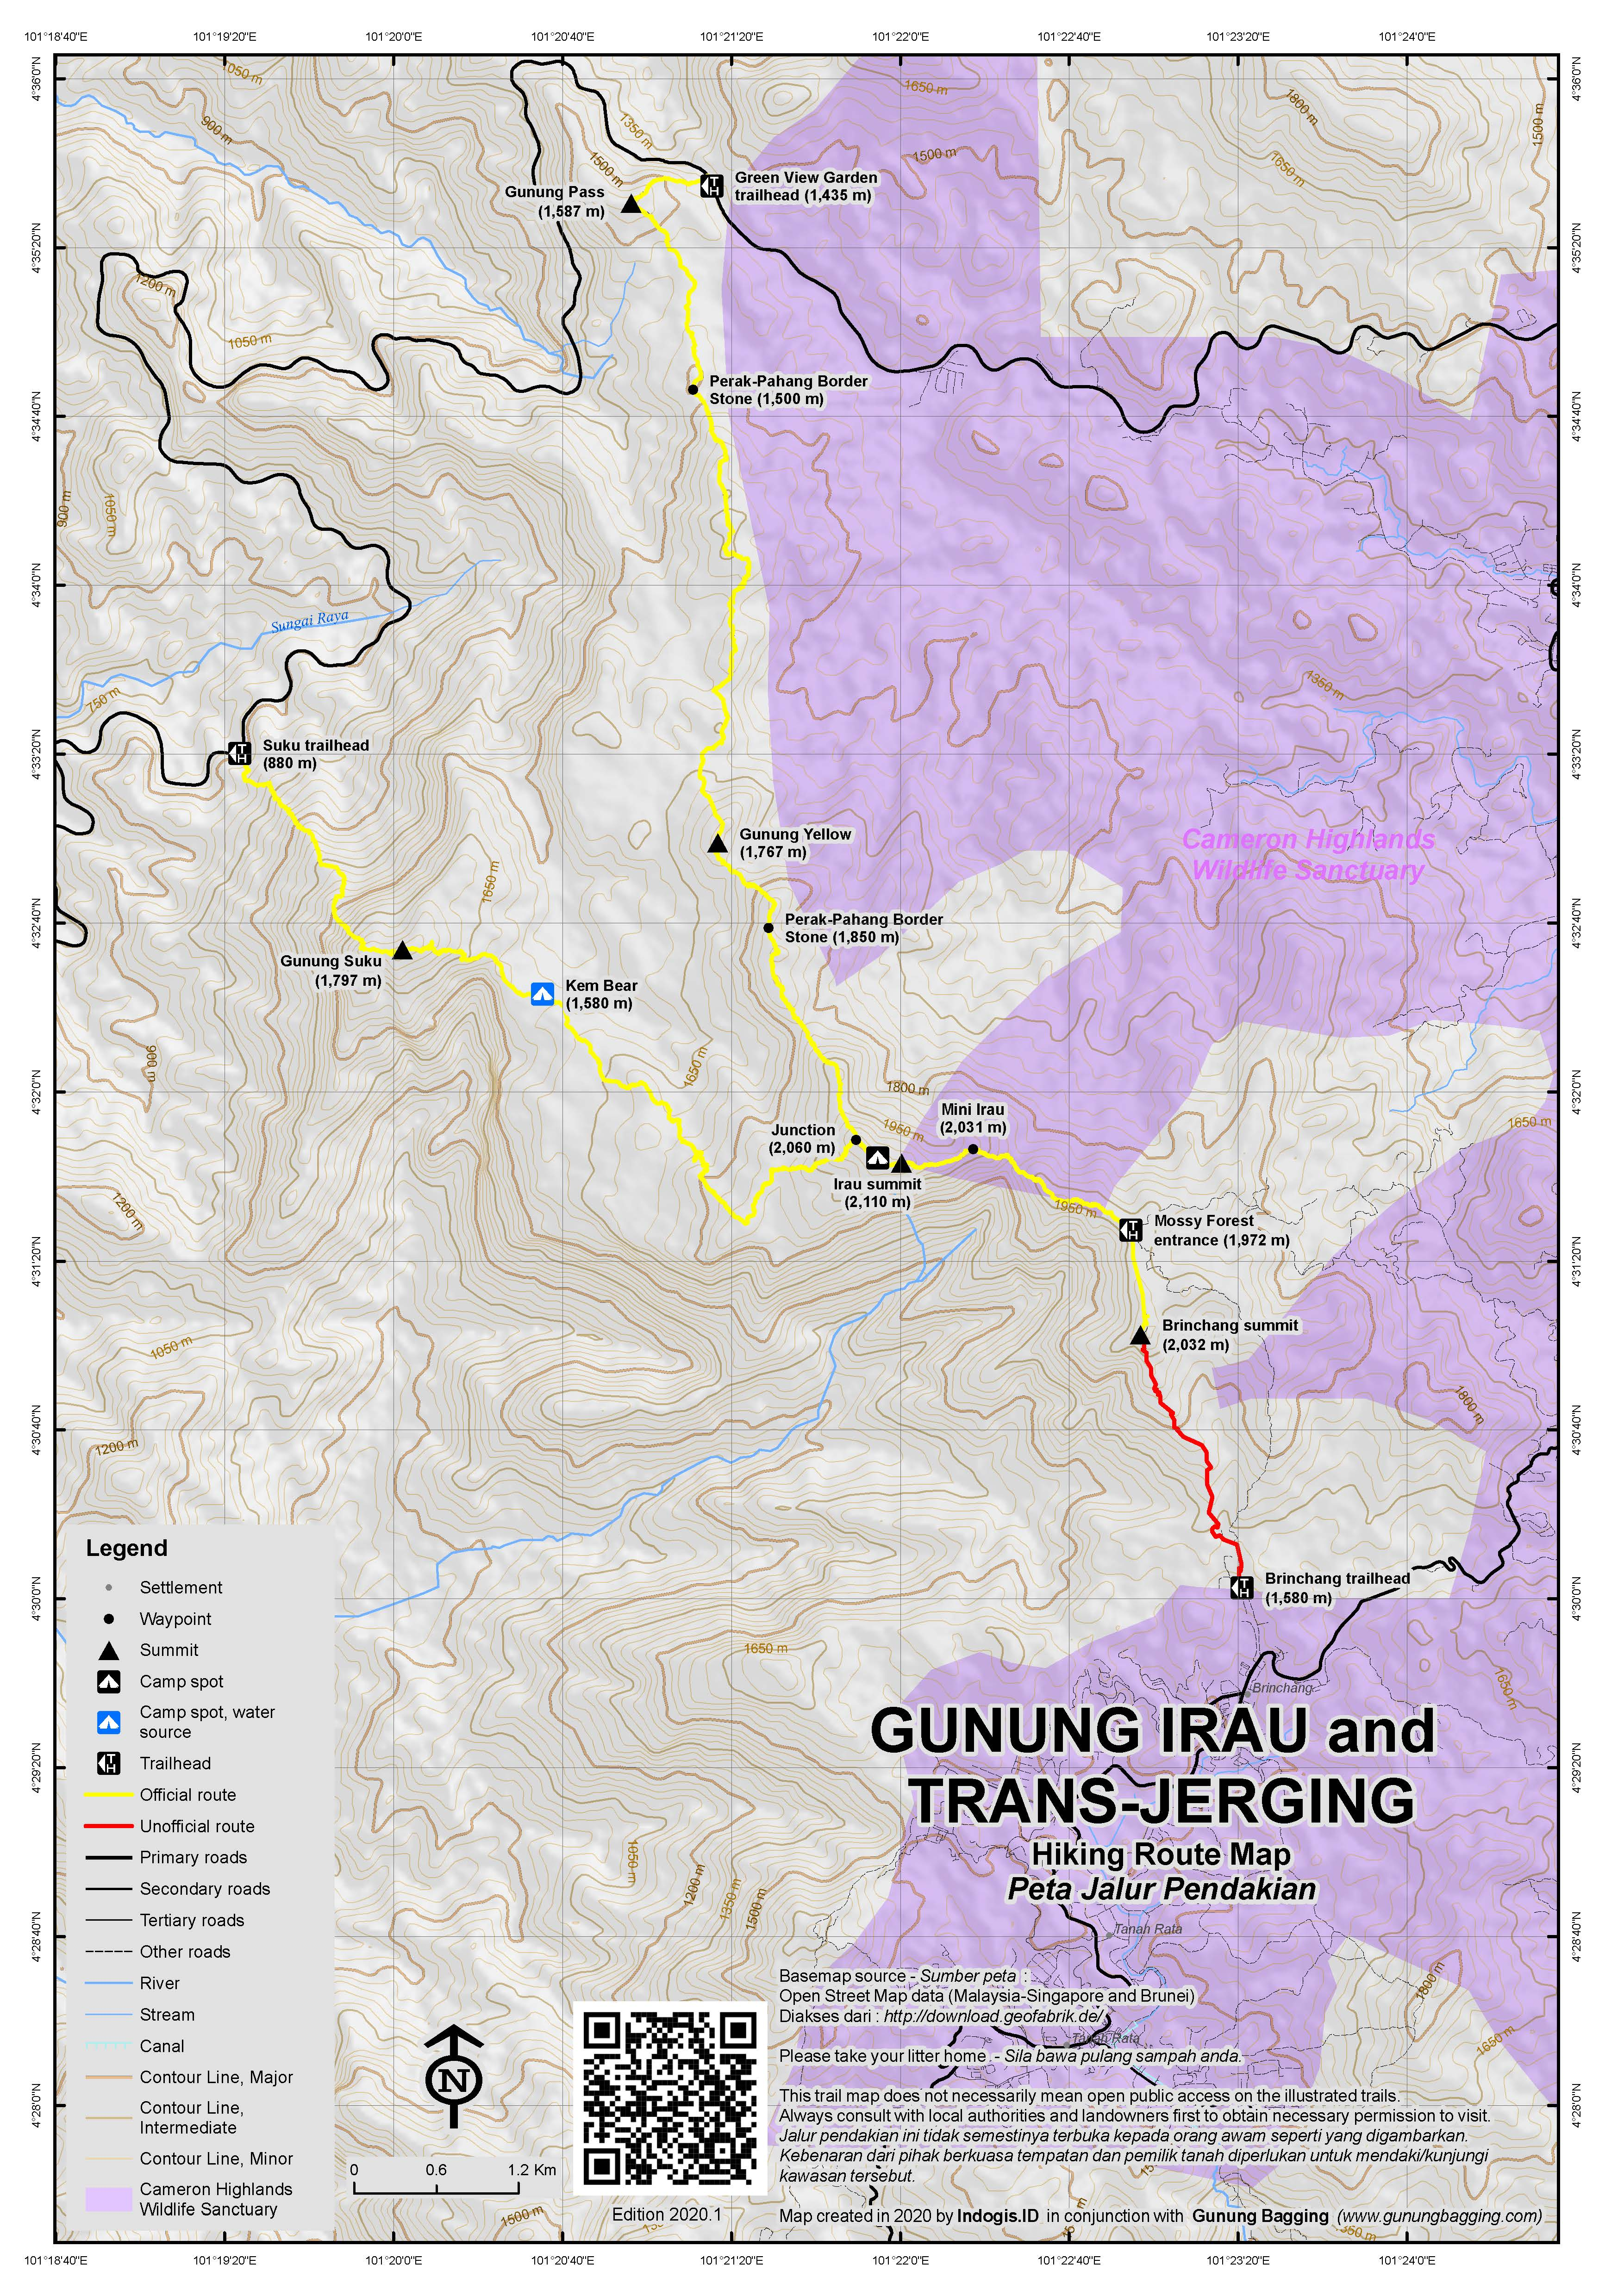 Peta Jalur Pendakian Gunung Irau